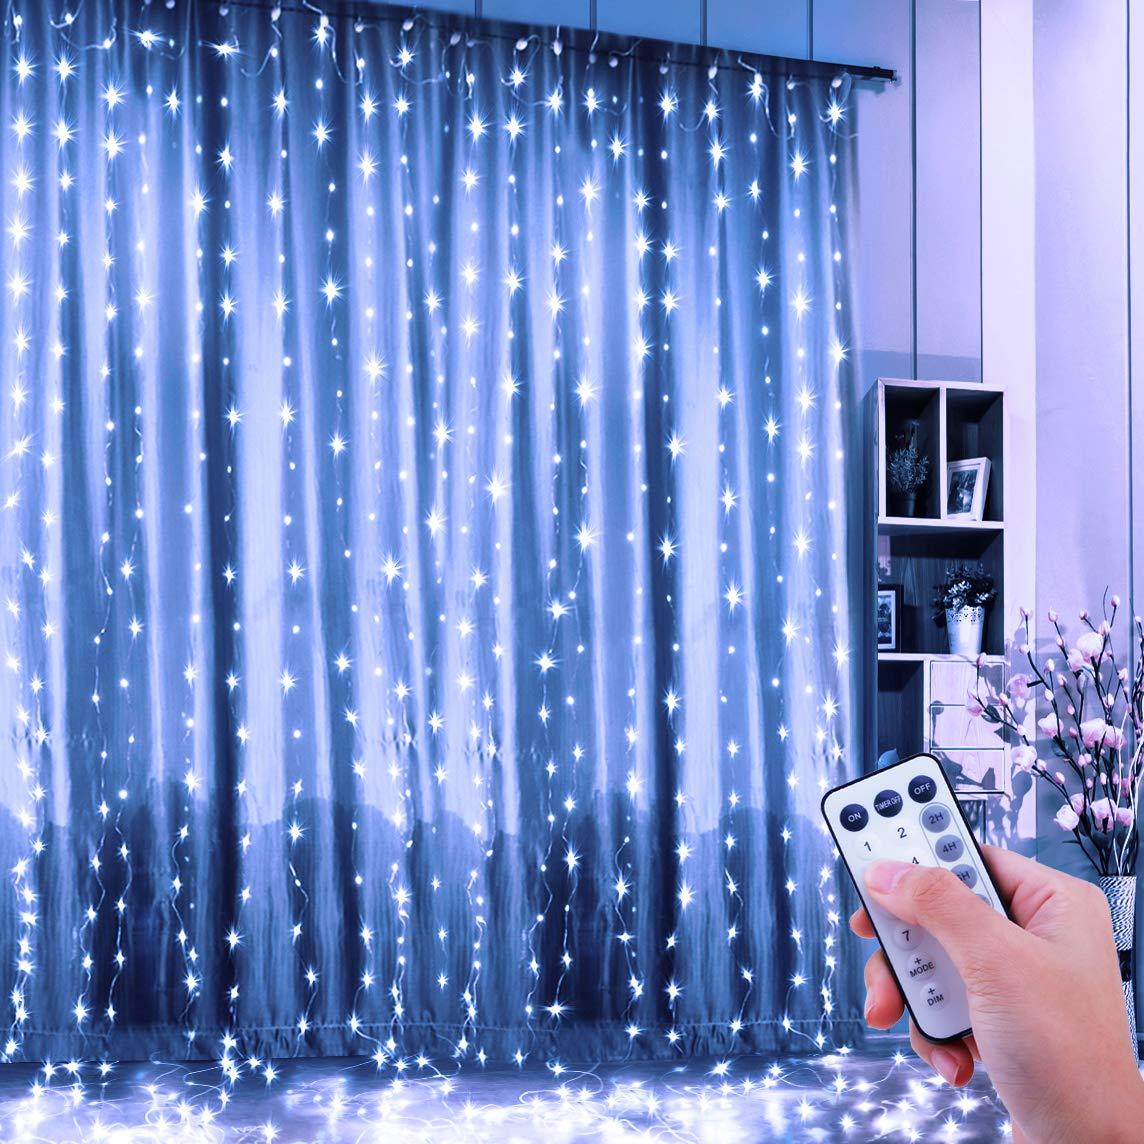 Guirlande Rideau Lumineux, FishOaky Bright Guirlande Lumineuse LED 3m * 3m, 8 Modes, 300 LED, USB Lampe d'ambiance à Lumière,Pour la Décoration Rideaux Fenêtre Terrasse Mariage Fenêtre USB Lampe d'ambiance à Lumière